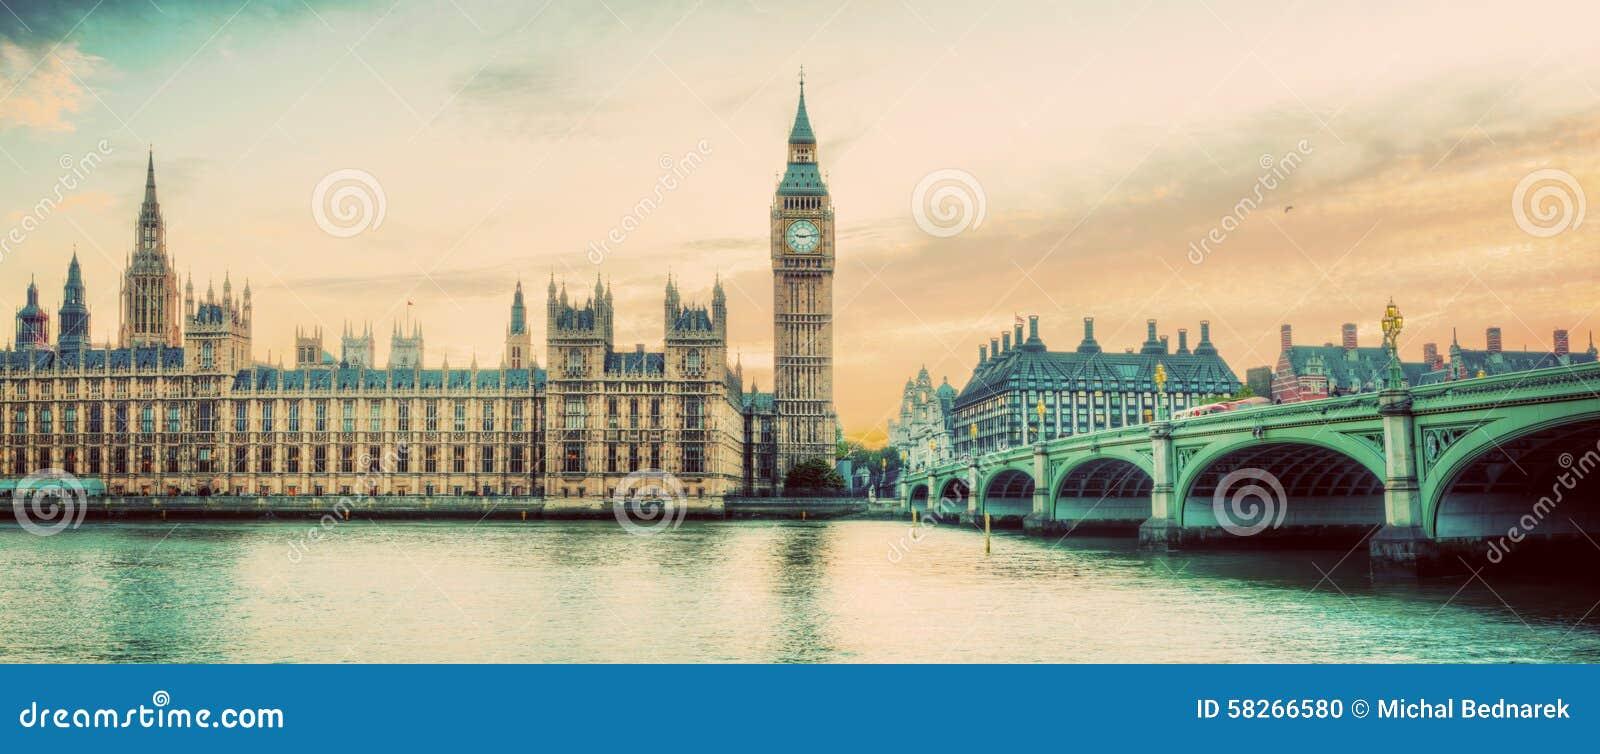 Londres, panorama BRITÁNICO Big Ben en el palacio de Westminster en el río Támesis vendimia